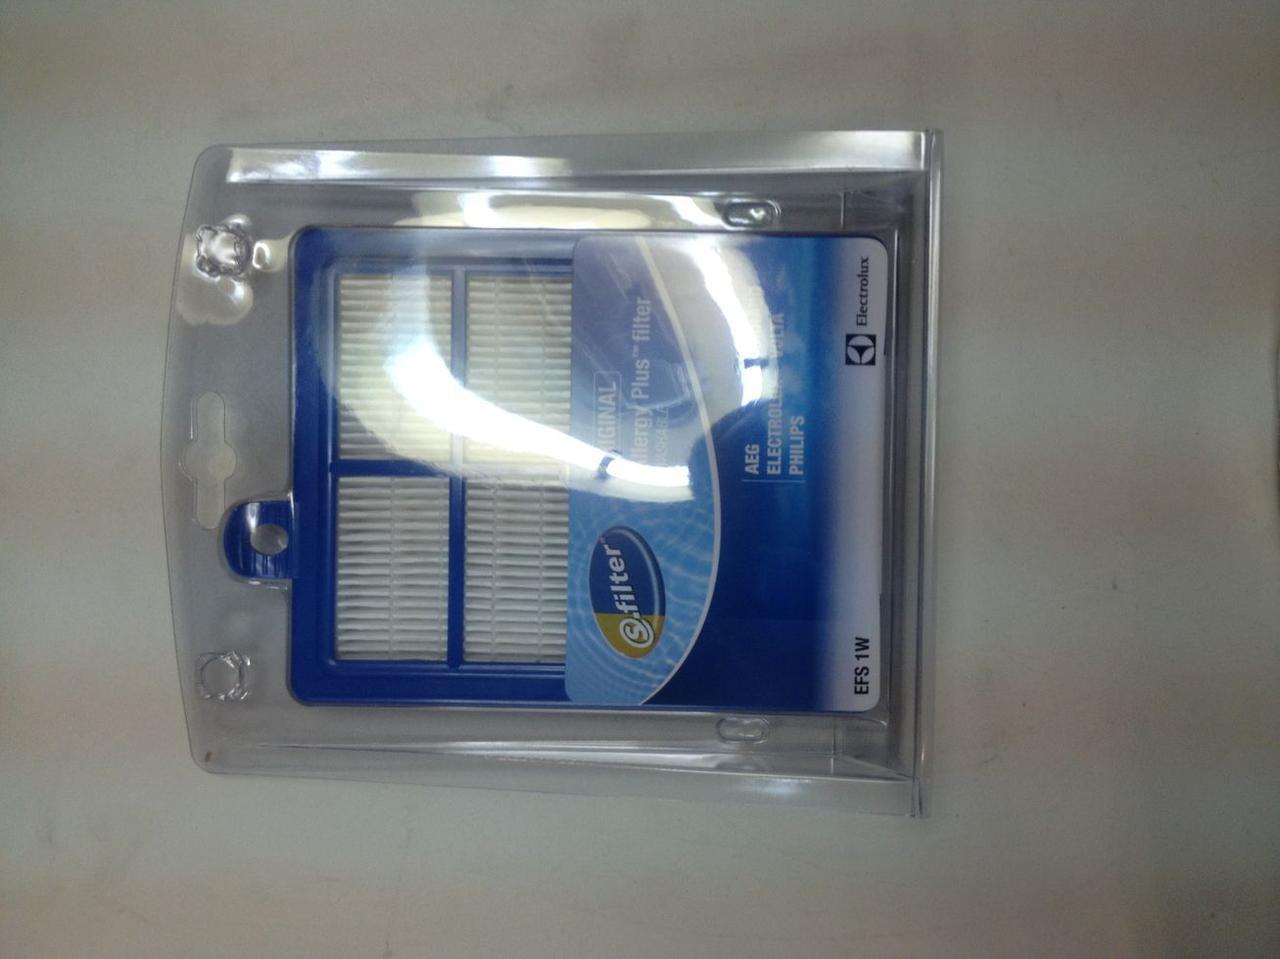 Фильтр пылесоса Electrolux 9001677682 Original